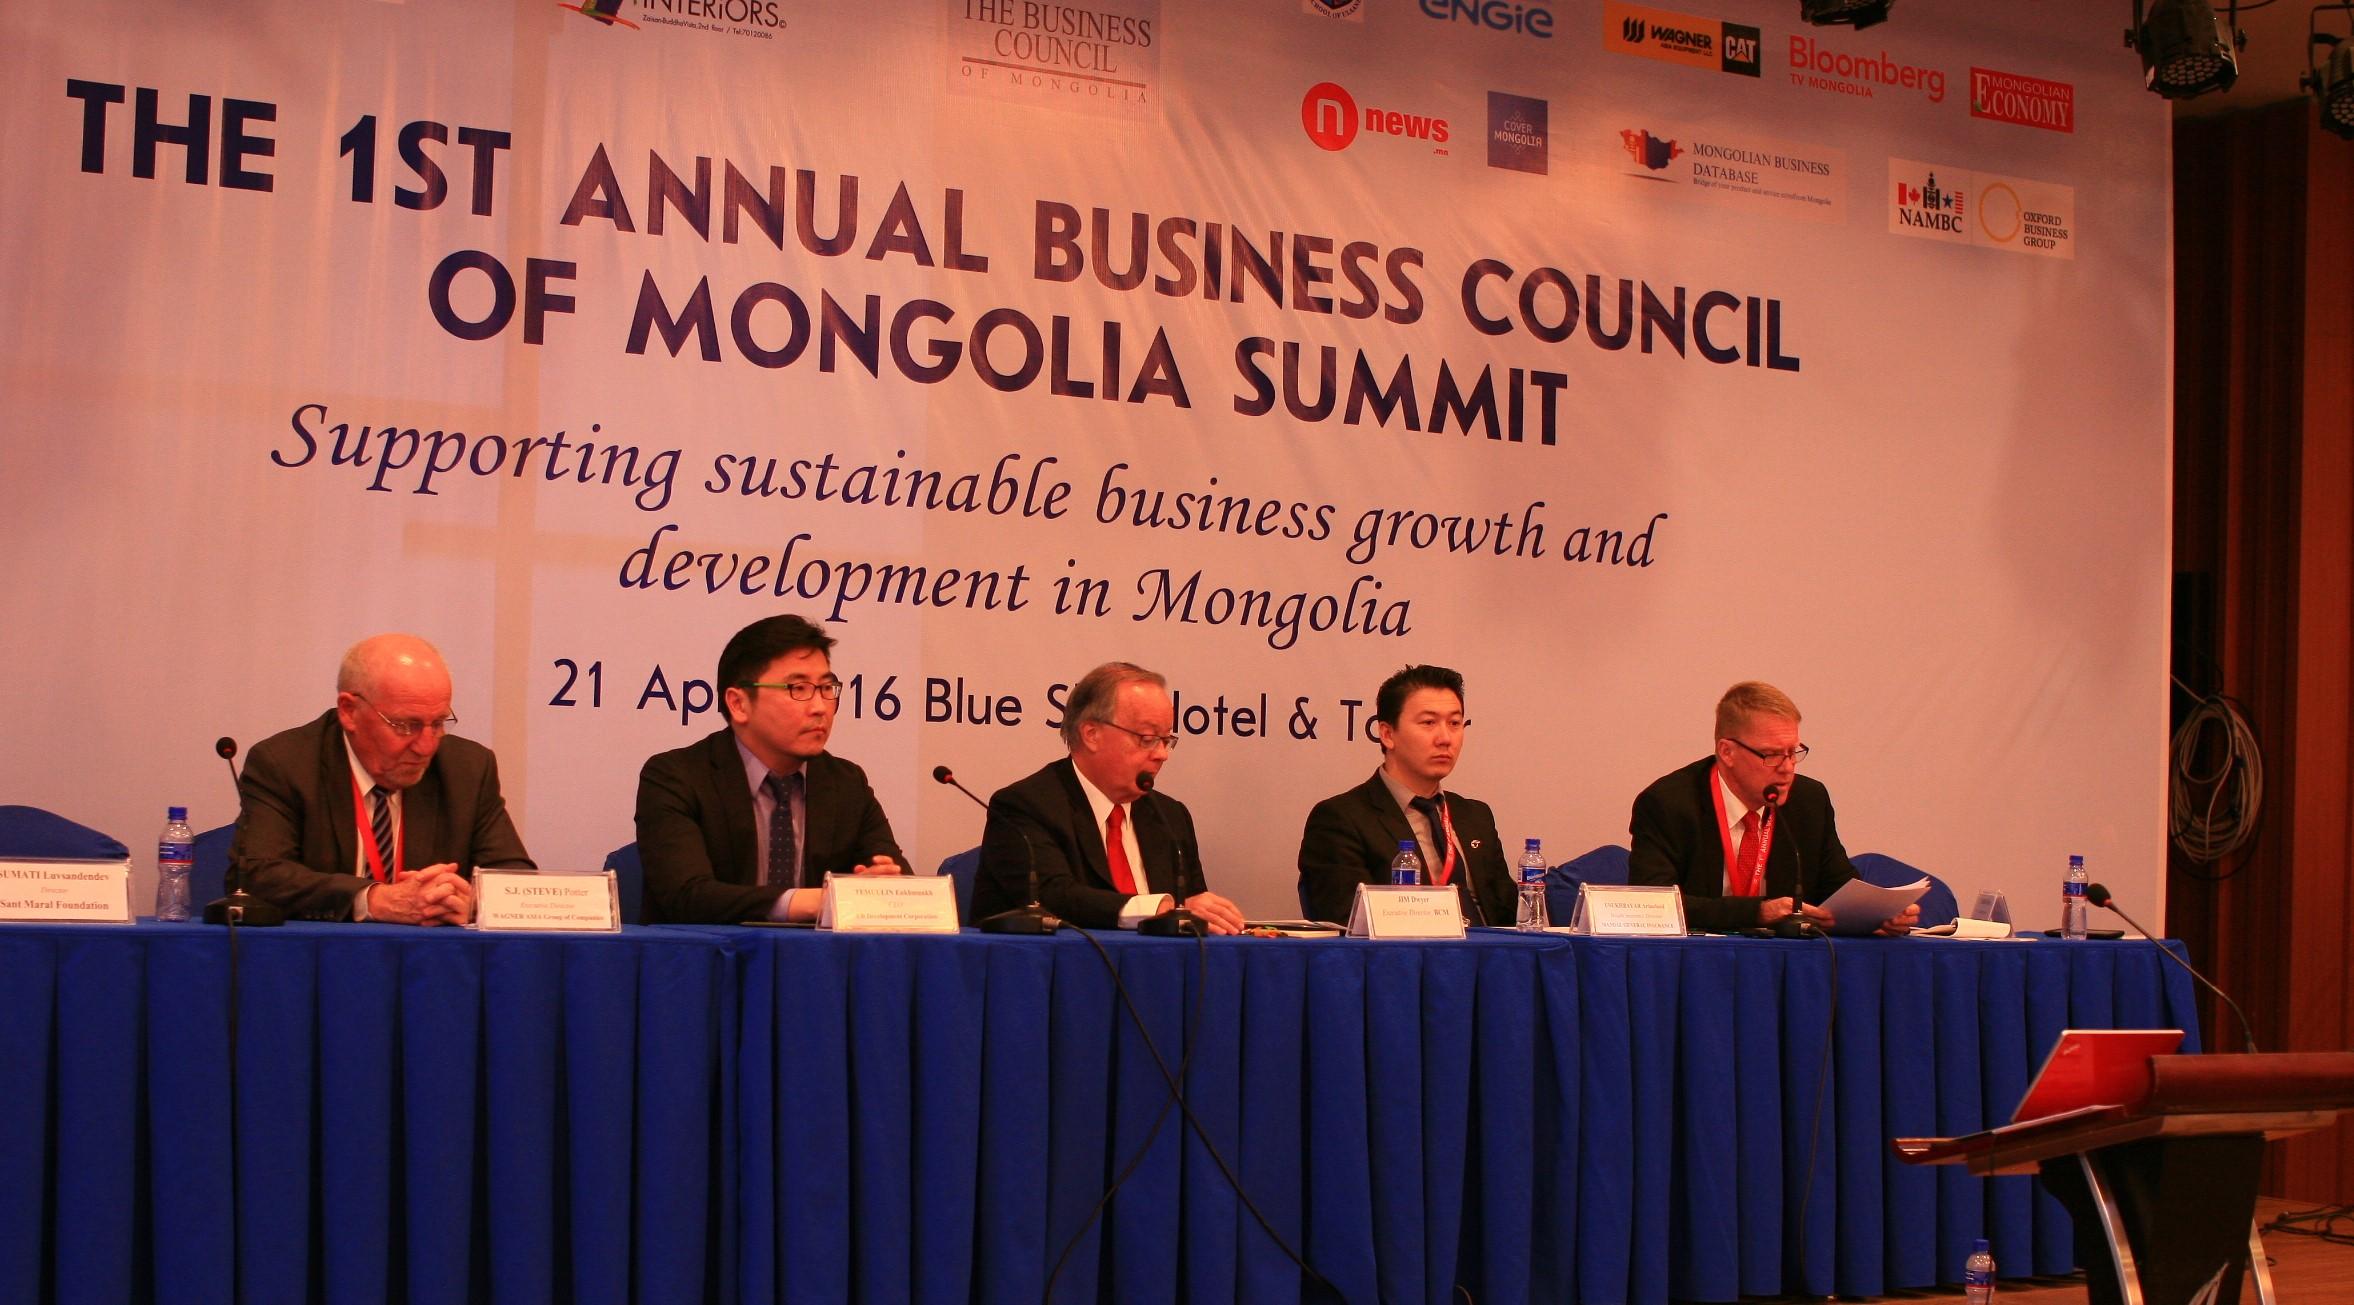 Монголын Бизнесийн Зөвлөлийн хоёрдугаар чуулга уулзалт 6 дугаар сарын 19, 20-нд болно